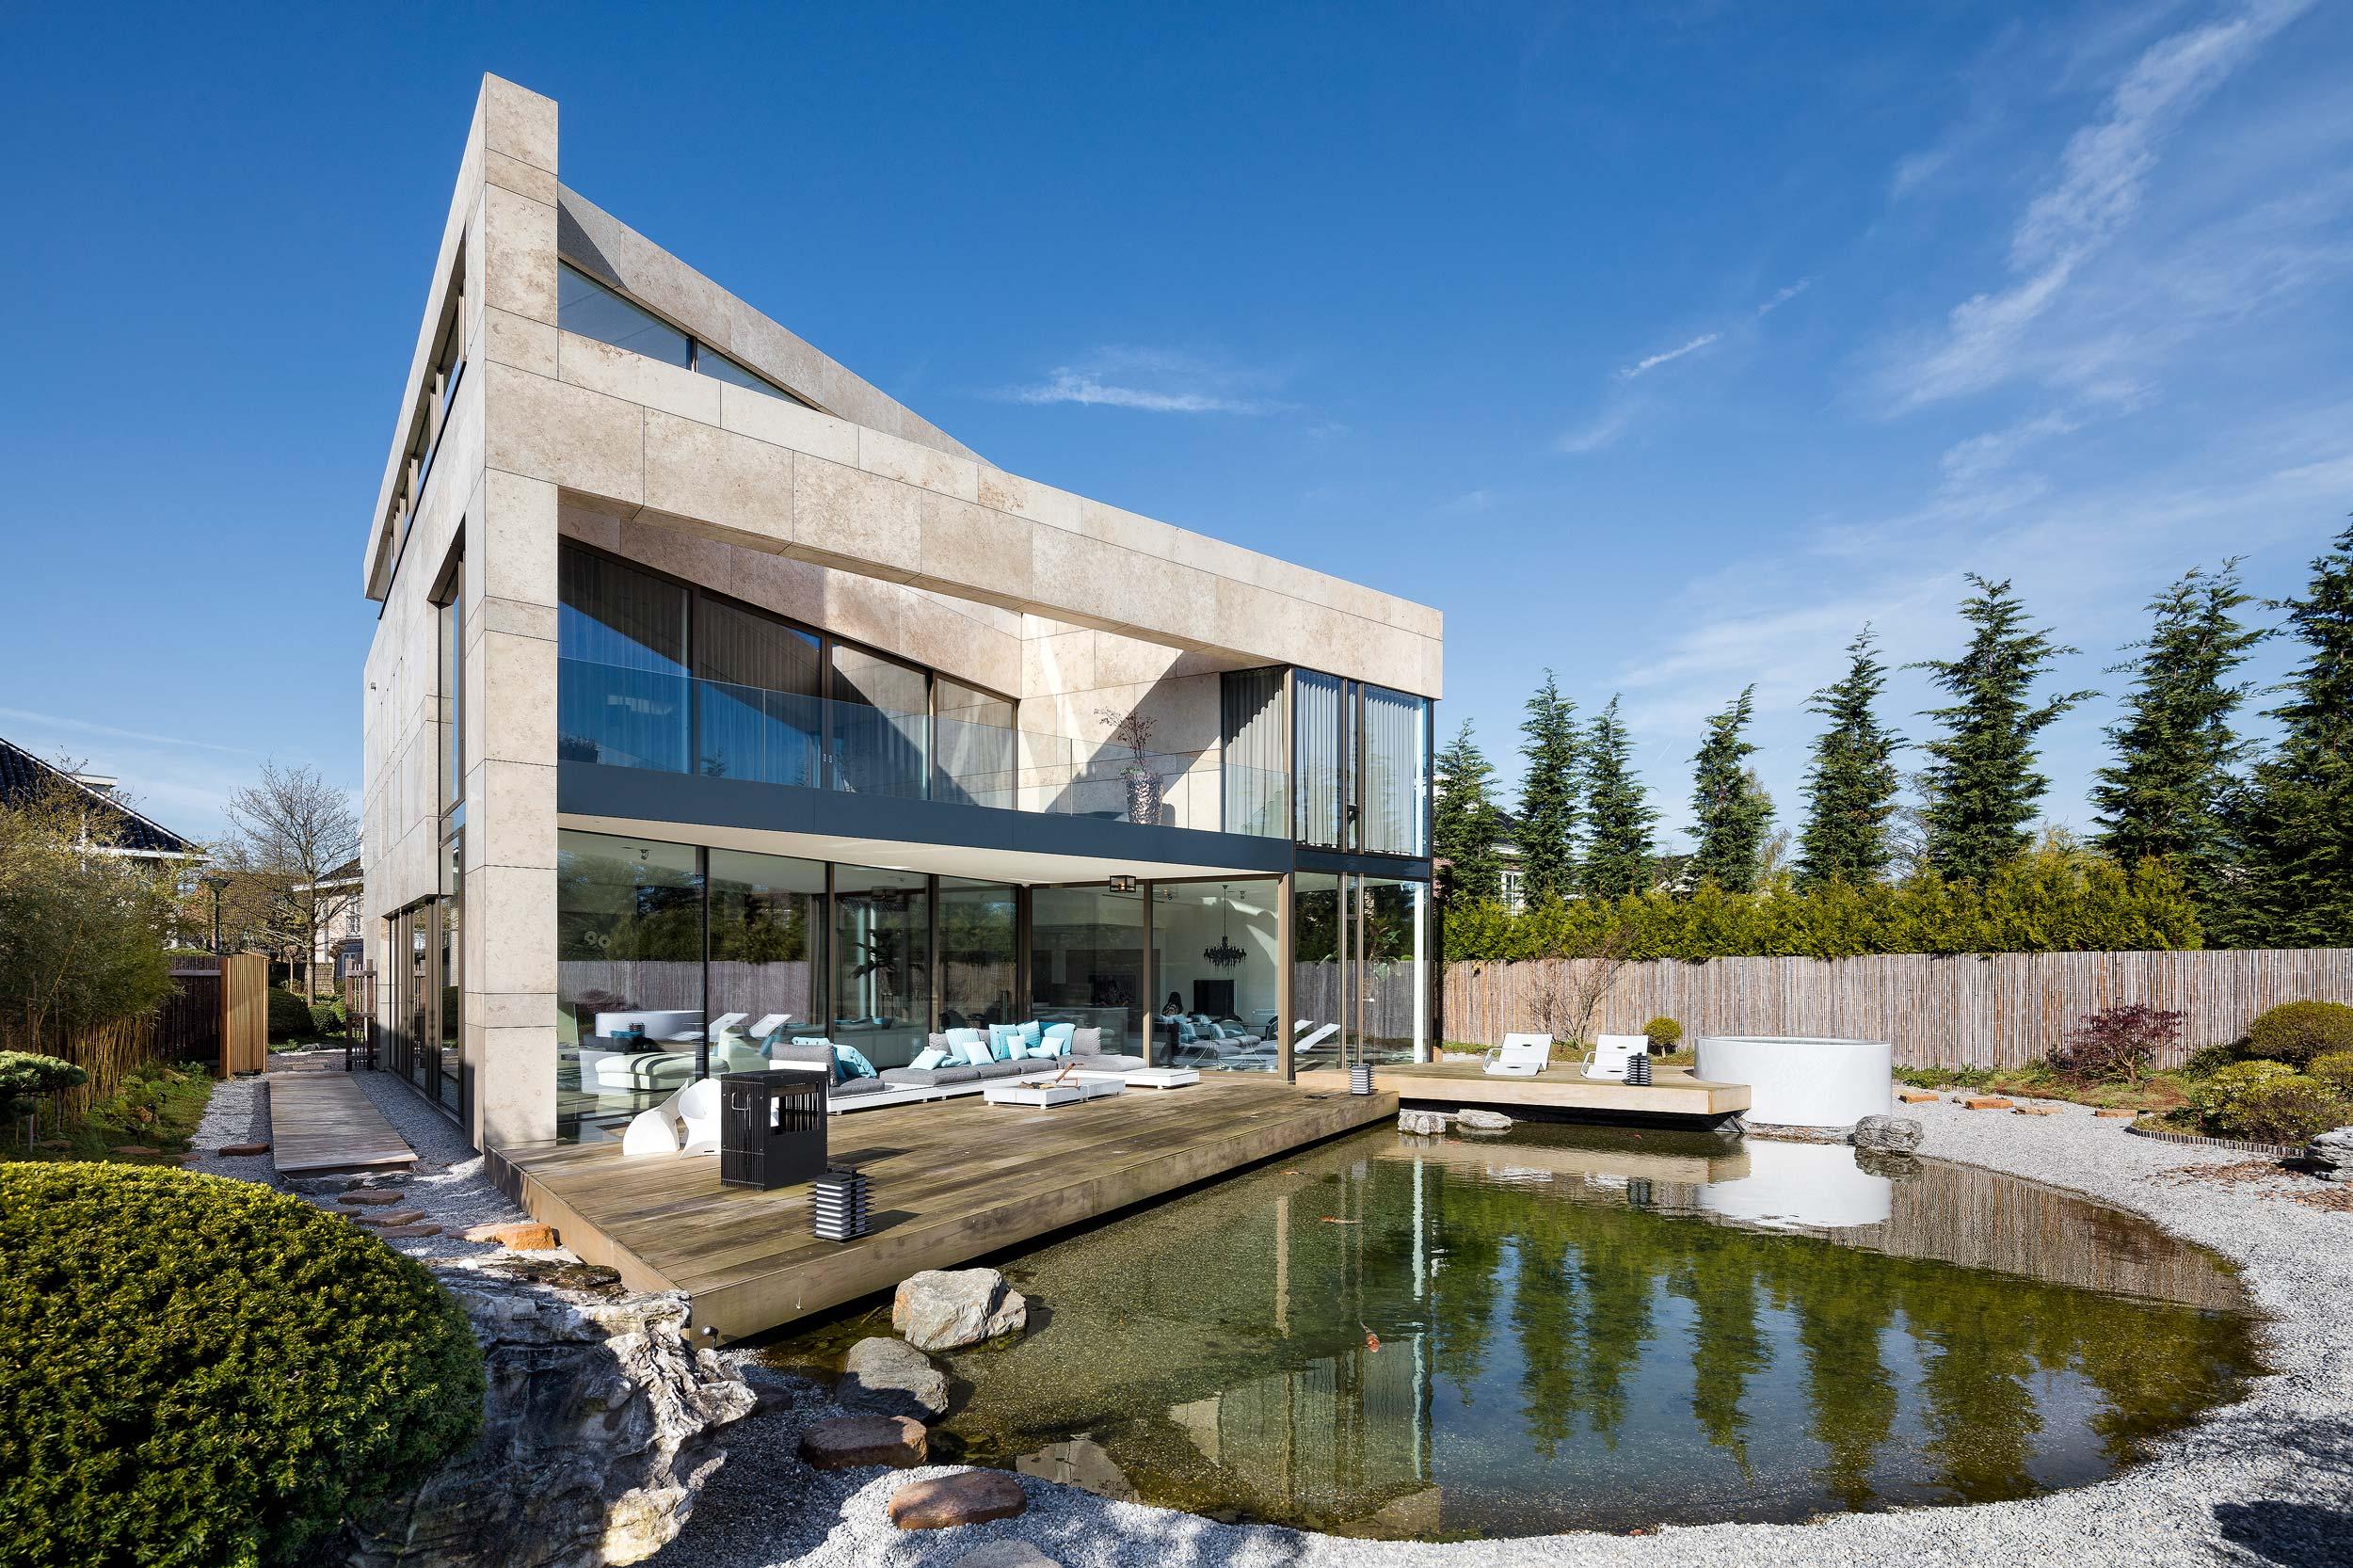 Nieuwbouw Villa, Hoofddorp - Fotografie door architectuurfotograaf Chiel de Nooyer